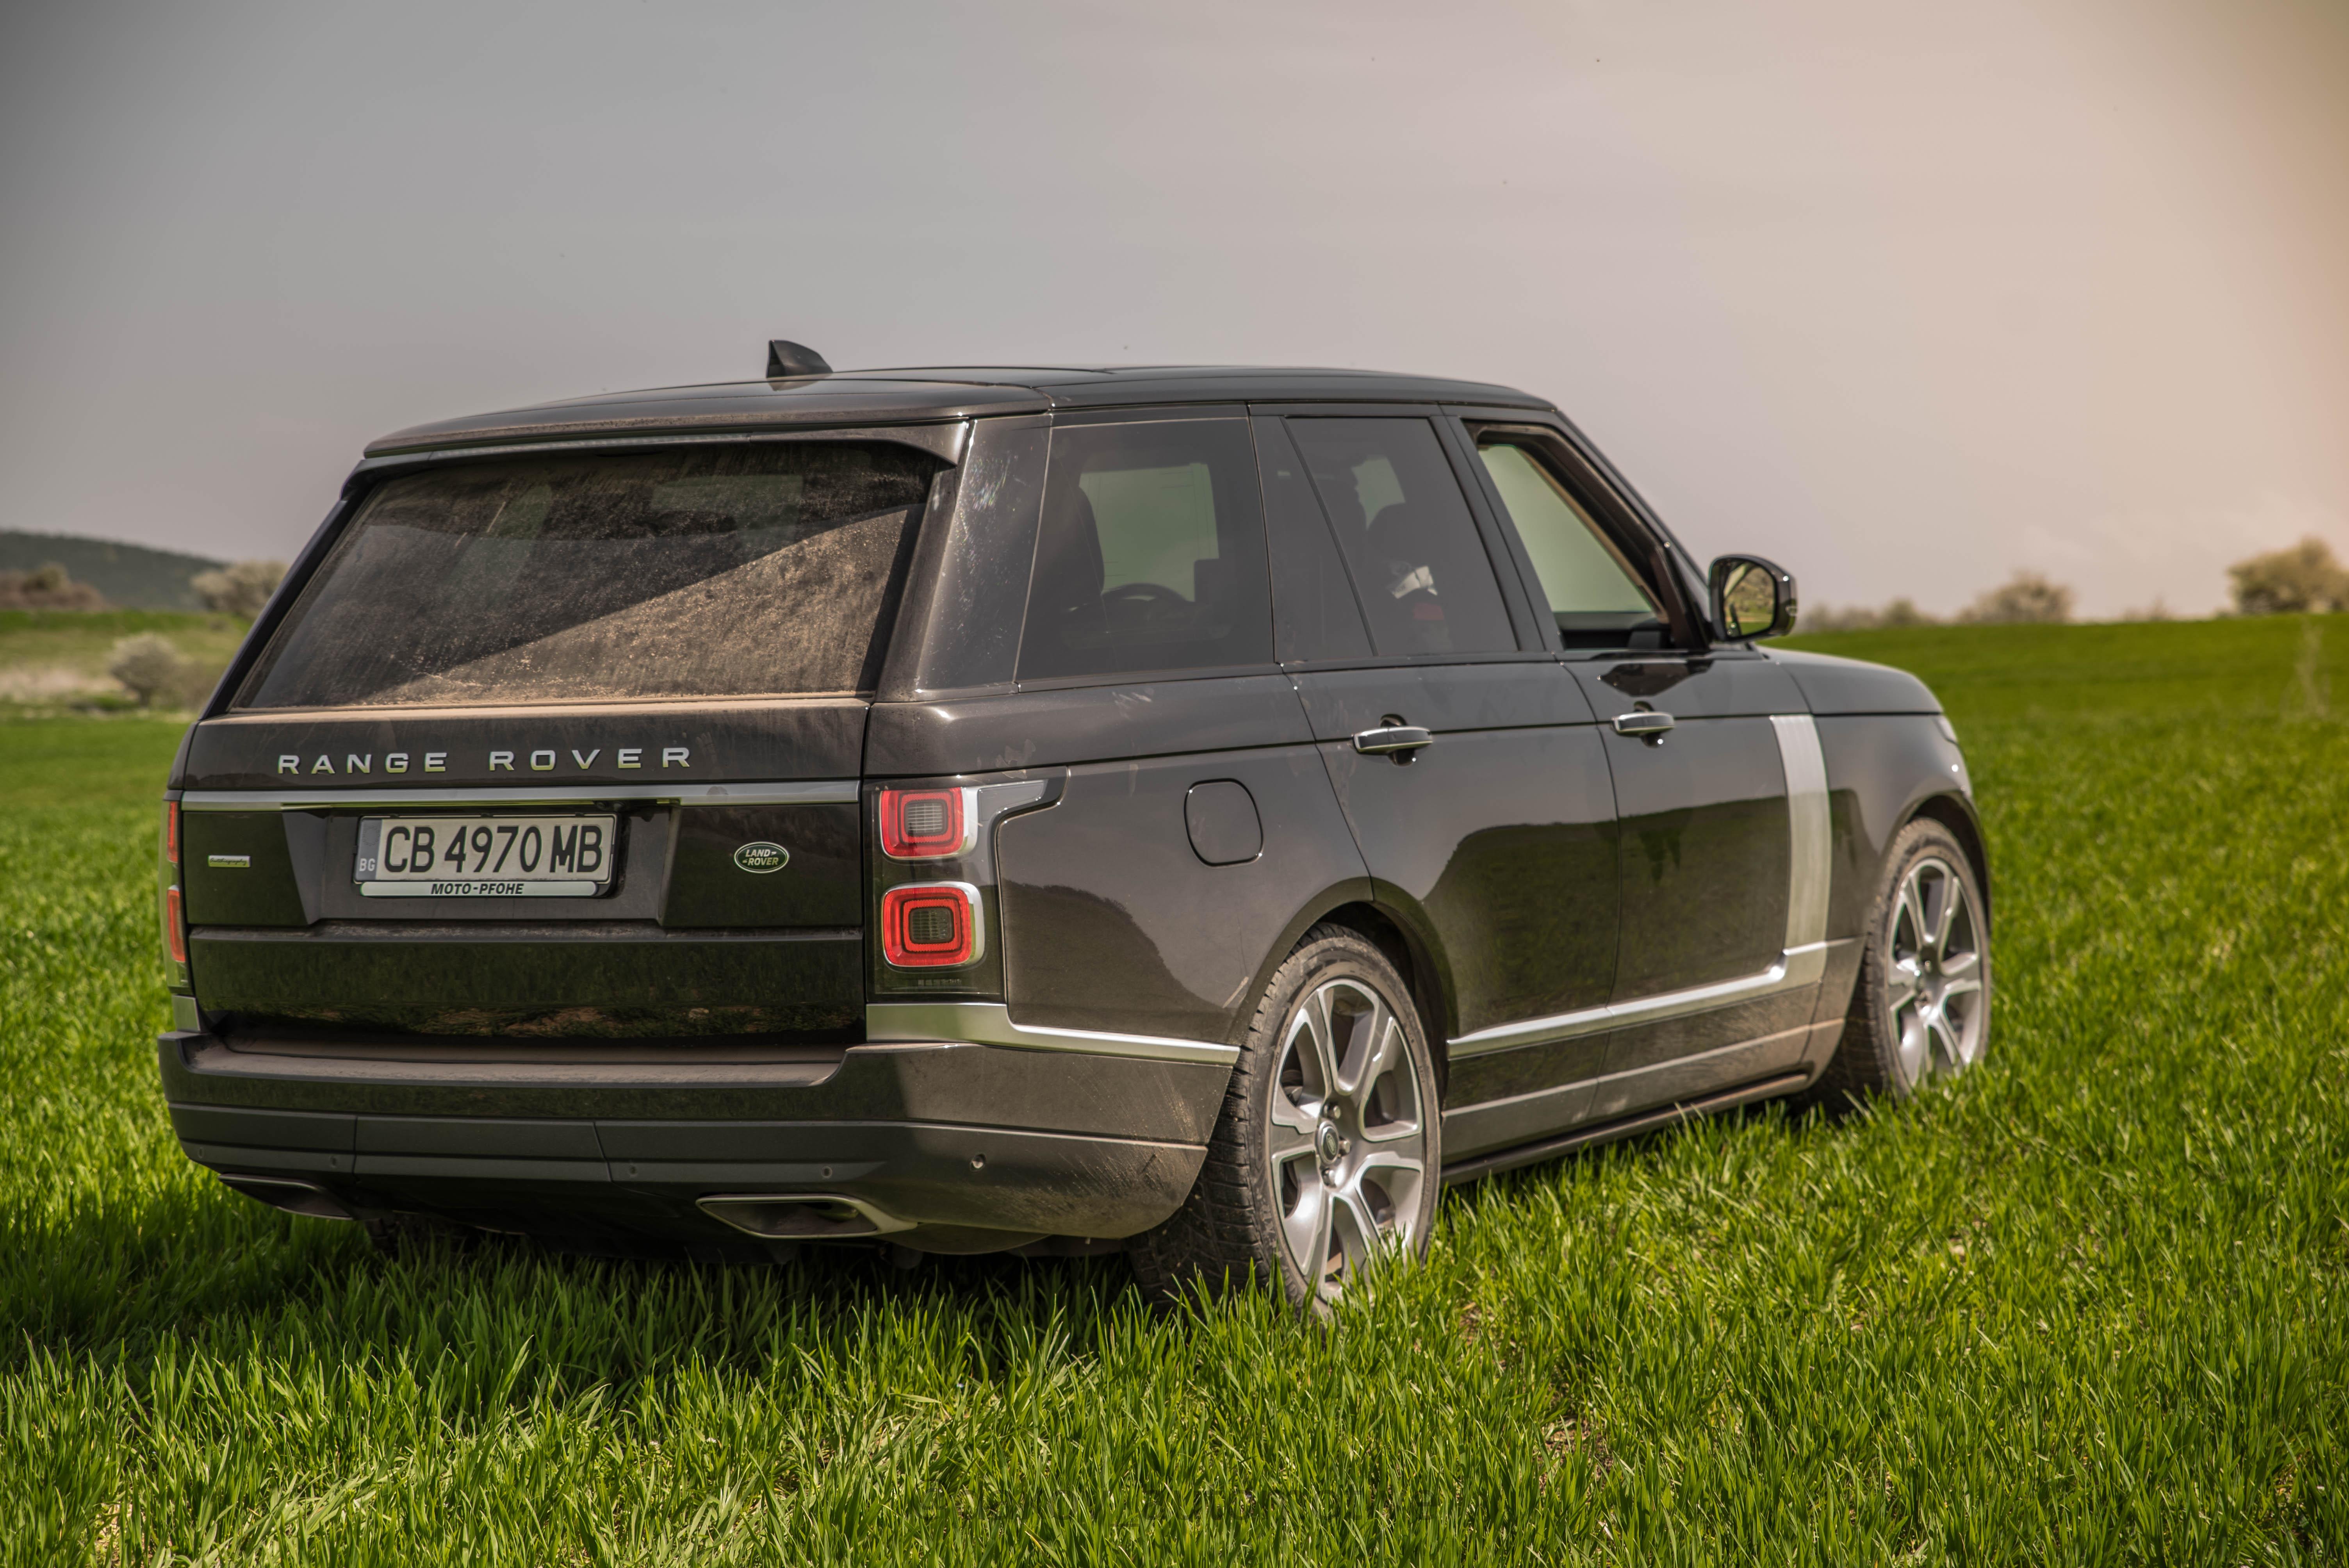 (ГАЛЕРИЯ) Тествахме Новия Range Rover! Царски Трон с Много Играчки!